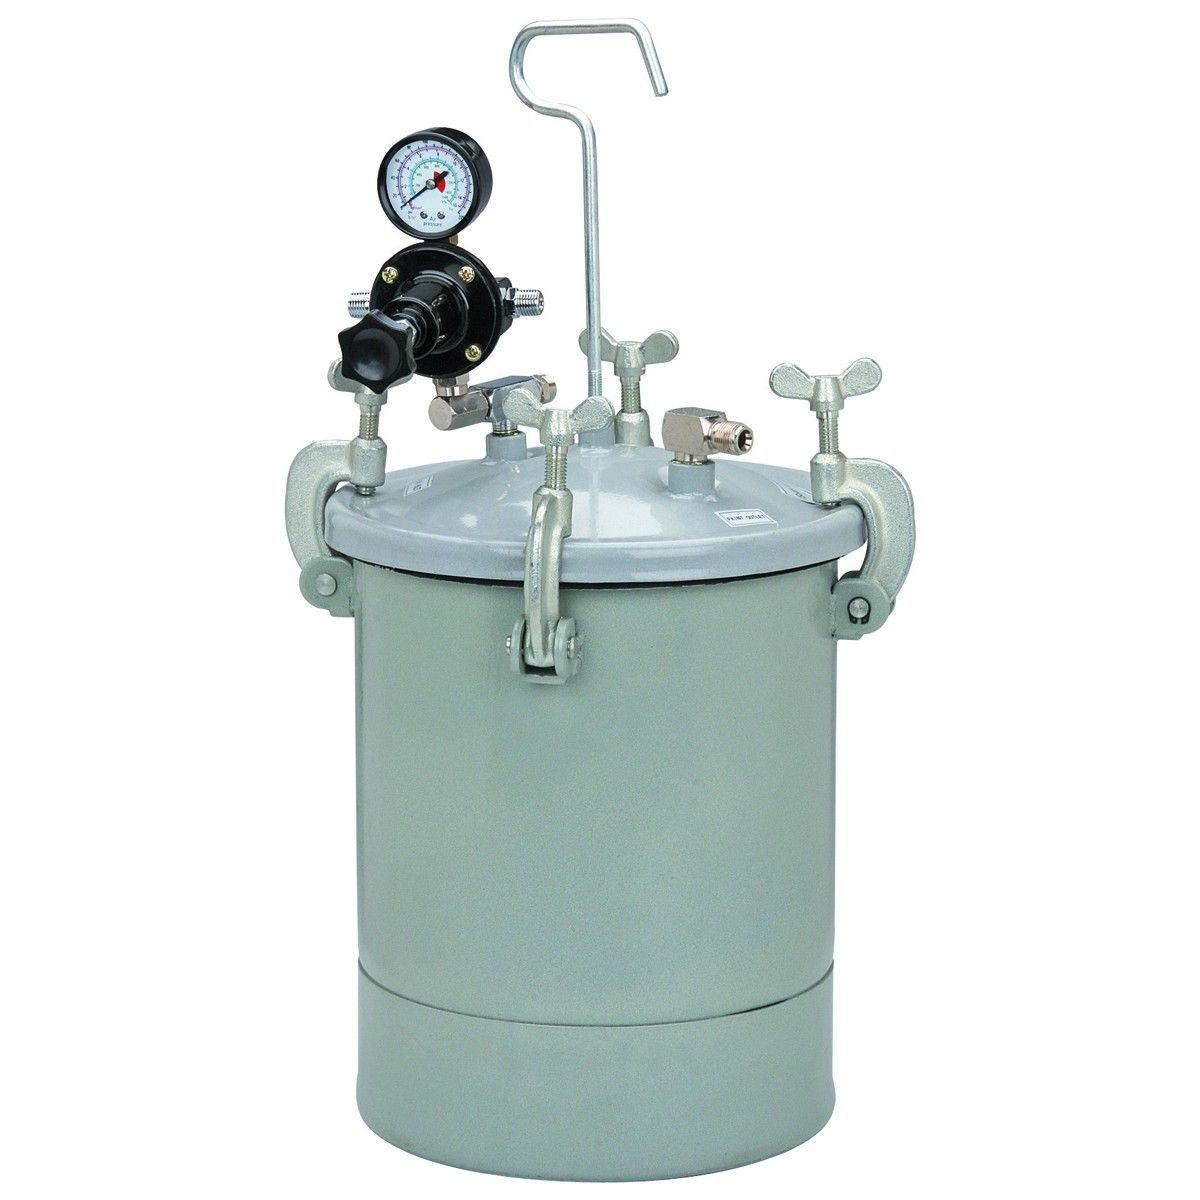 2 1 2 Gal Air Pressure Paint Tank Make Stuff Pressure